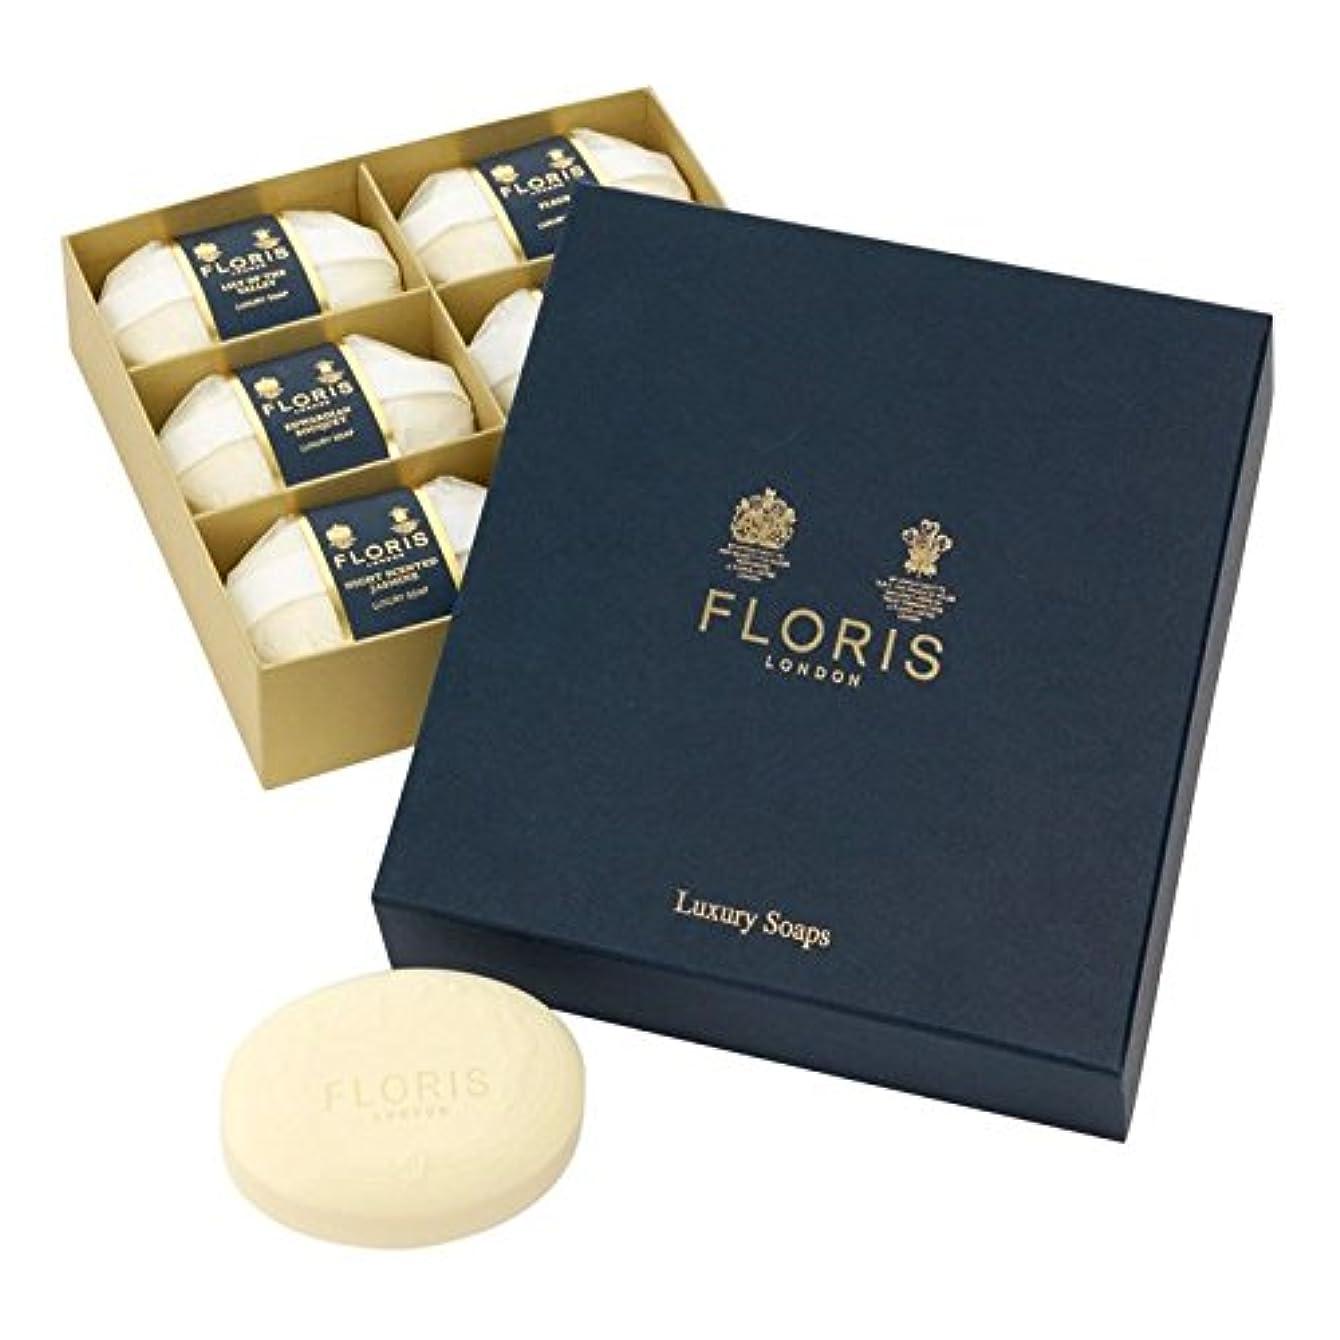 参照する非難する暴動[Floris ] フロリス高級ソープコレクション6×100グラム - Floris Luxury Soap Collection 6 x 100g [並行輸入品]